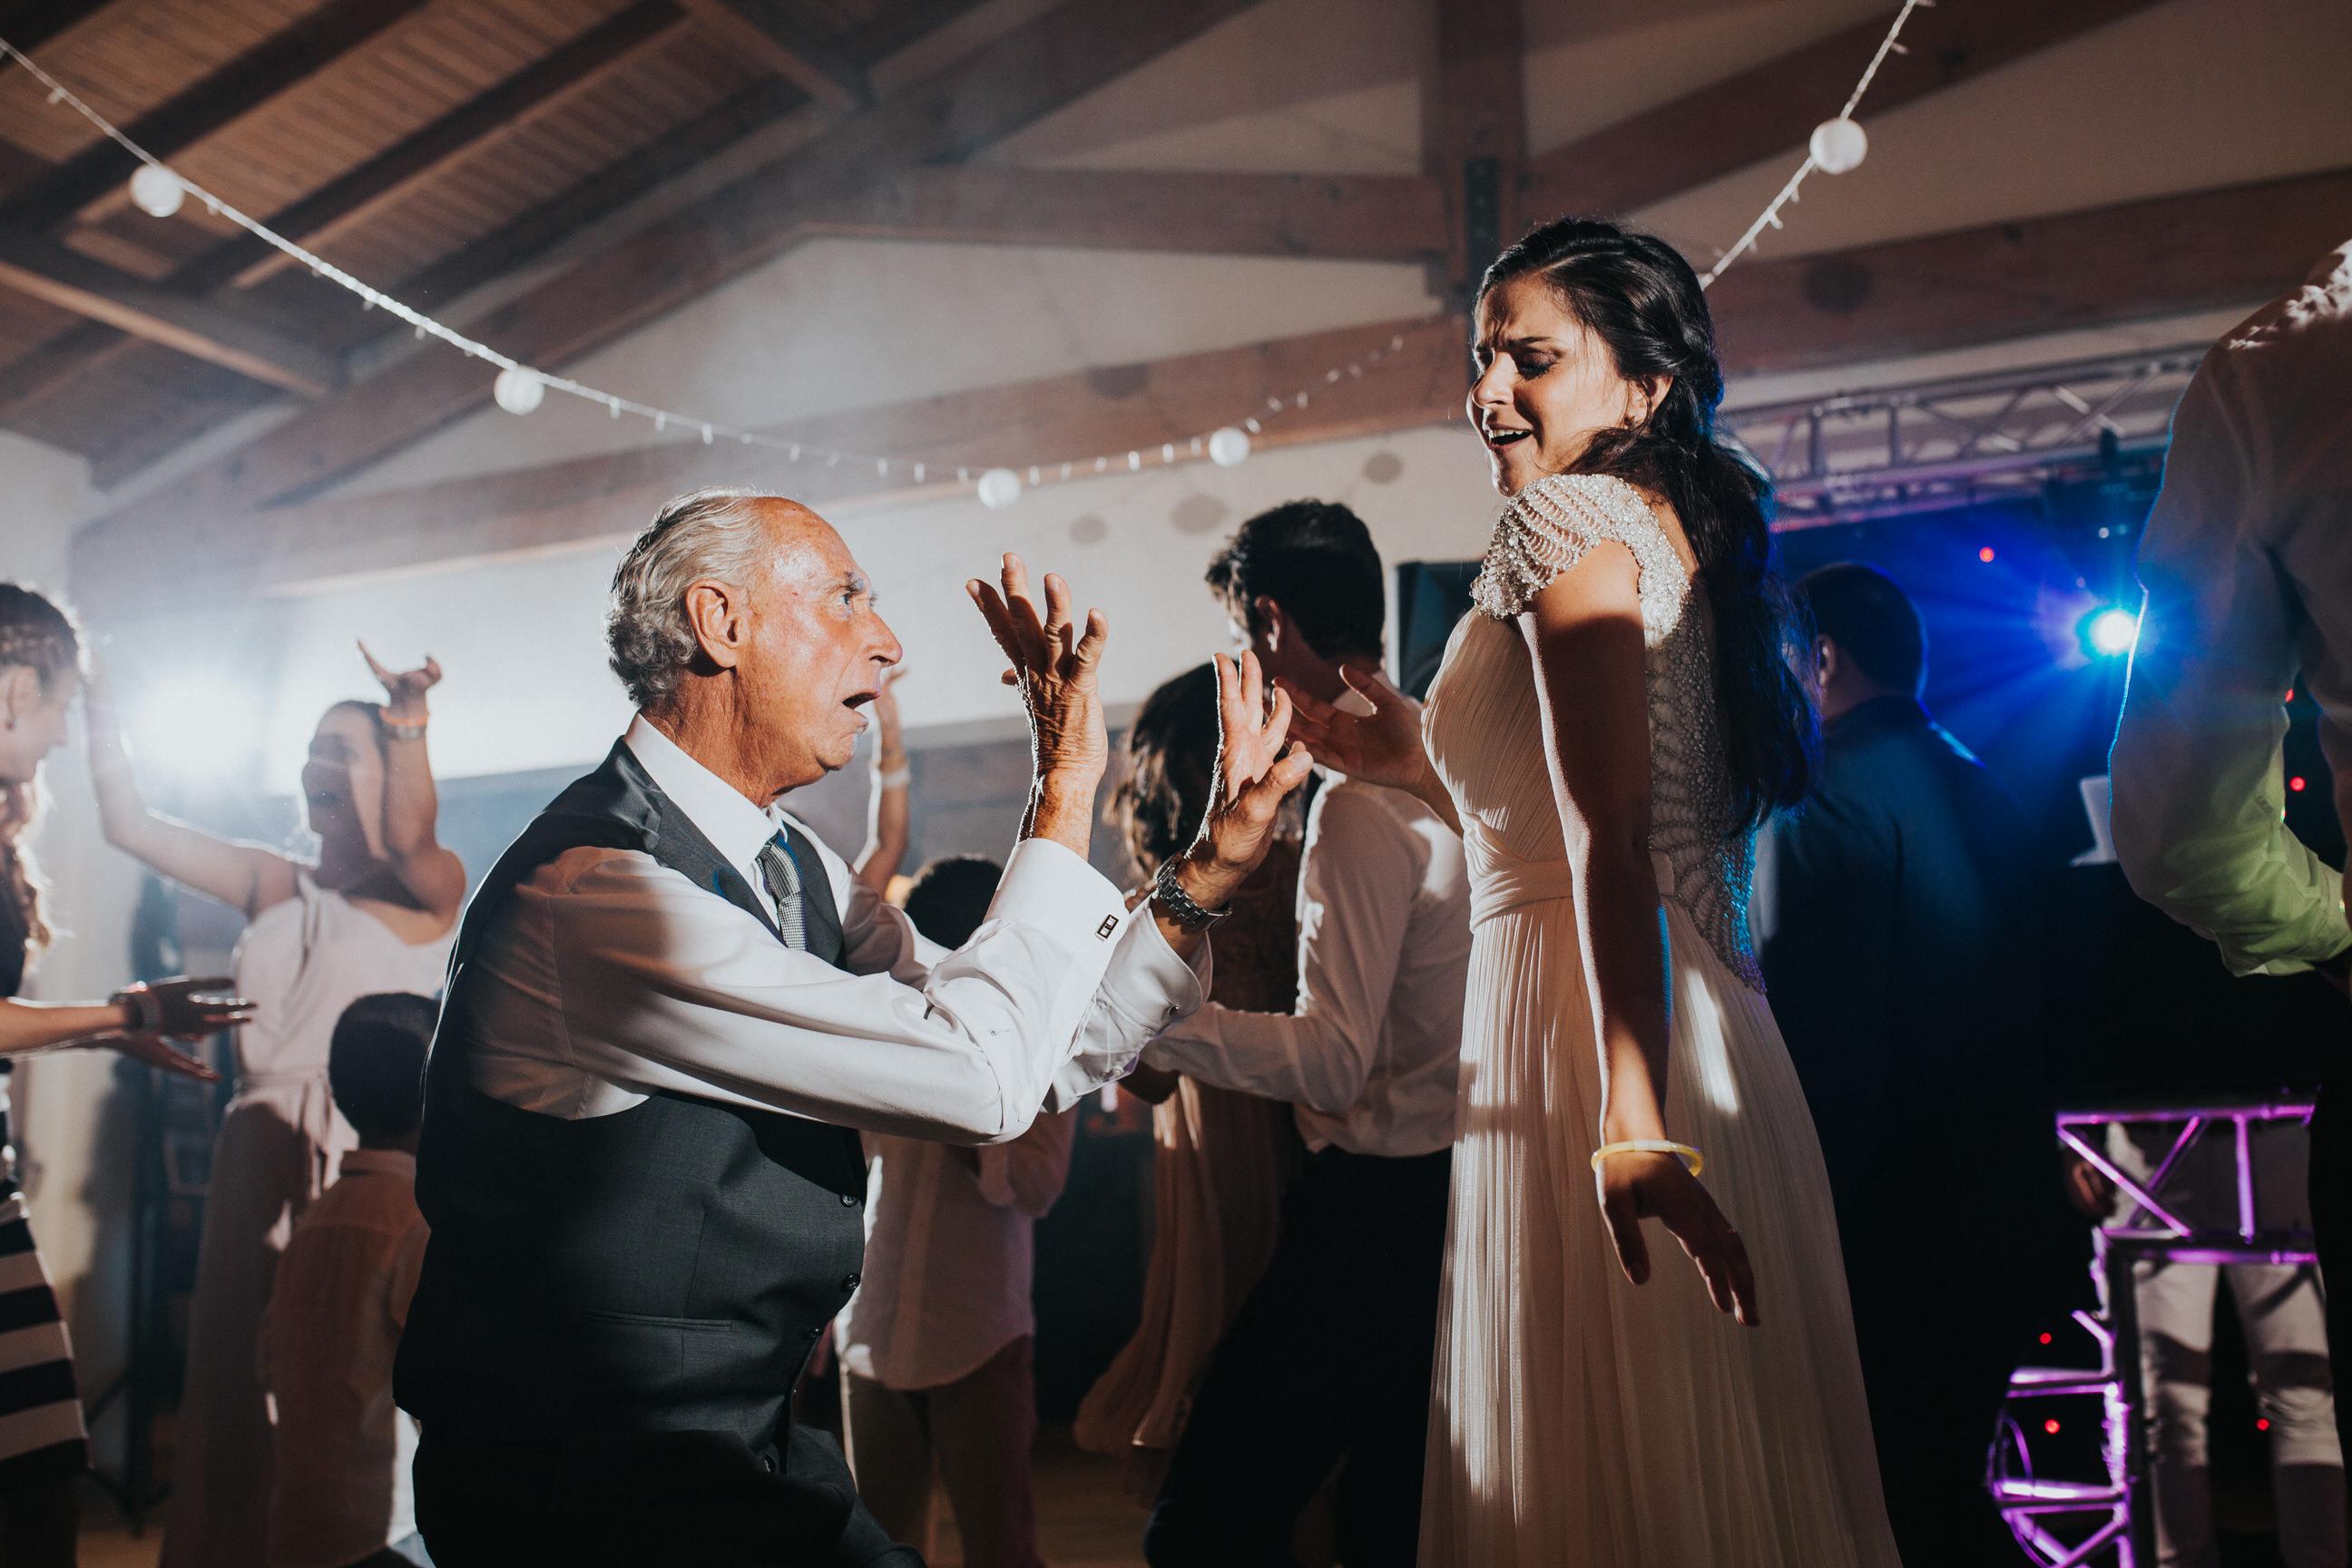 Casamento-Rustico-Bucelas-boho-chic-vestidos-dress-venue-Portugal-wedding-decor-cerimonia-quintas-perto-de-lisboa-fotografos-lisboa-ideas-session-vineyard-melhores-fotografos-portugal-first-dance-dança-noivos-pai-da-noiva